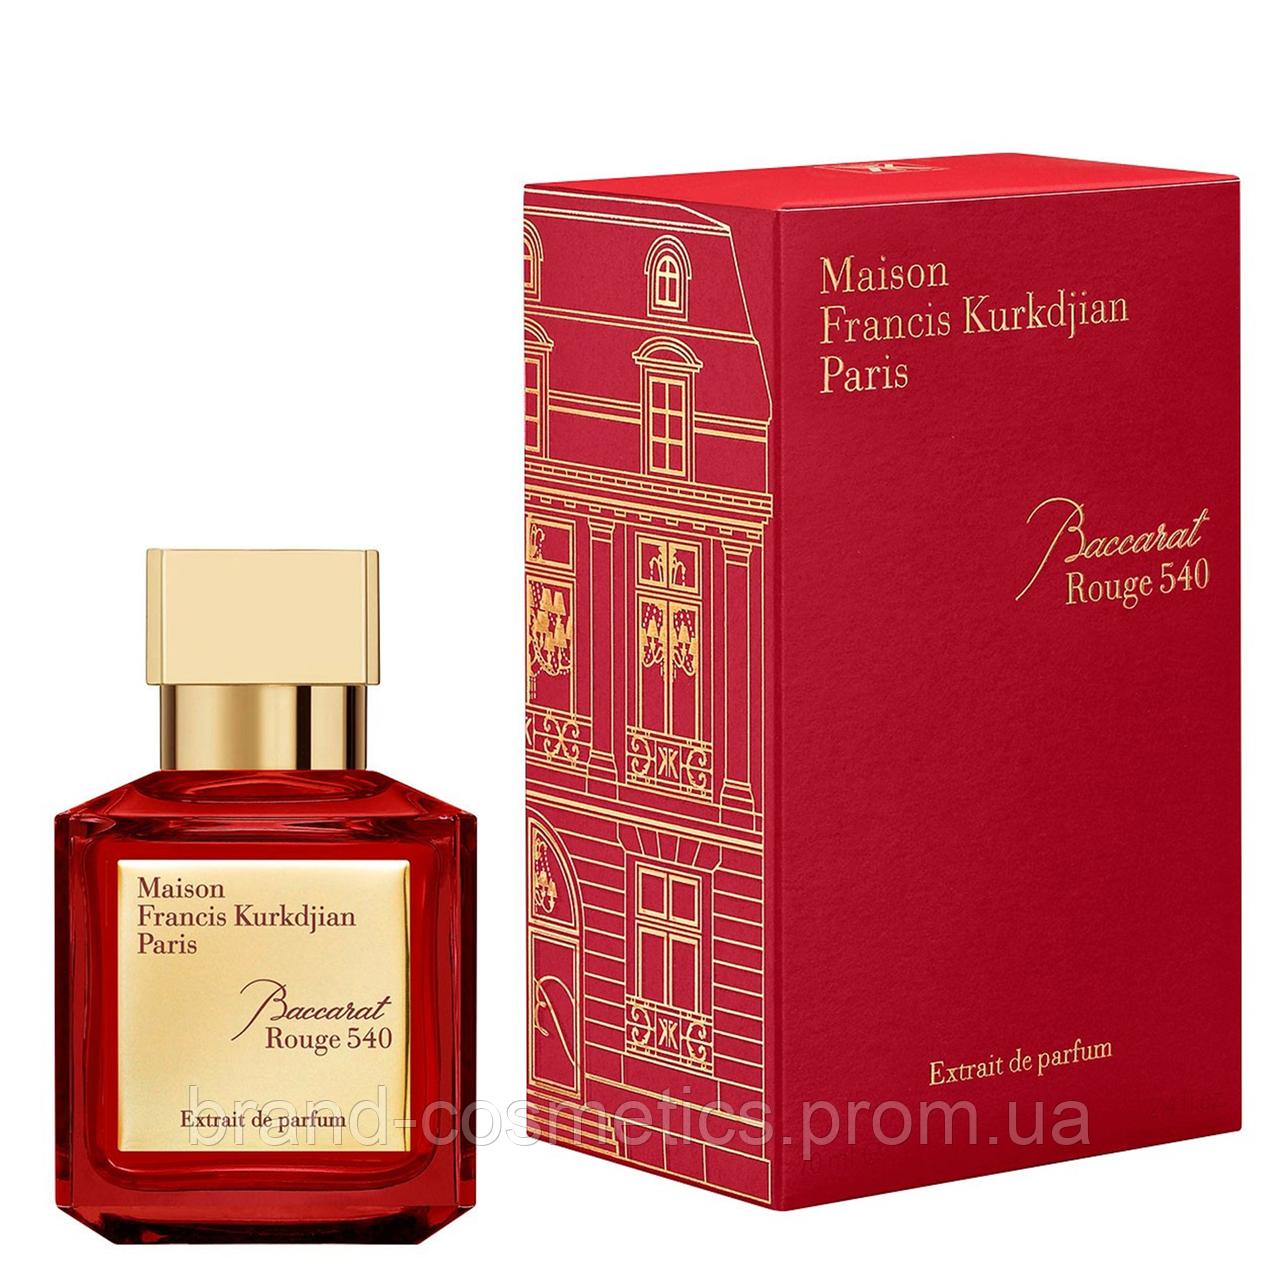 Парфюмированная вода Maison Francis Kurkdjian Baccarat Rouge 540 Extrait De Parfum 70 мл унисекс (Euro A-Plus)